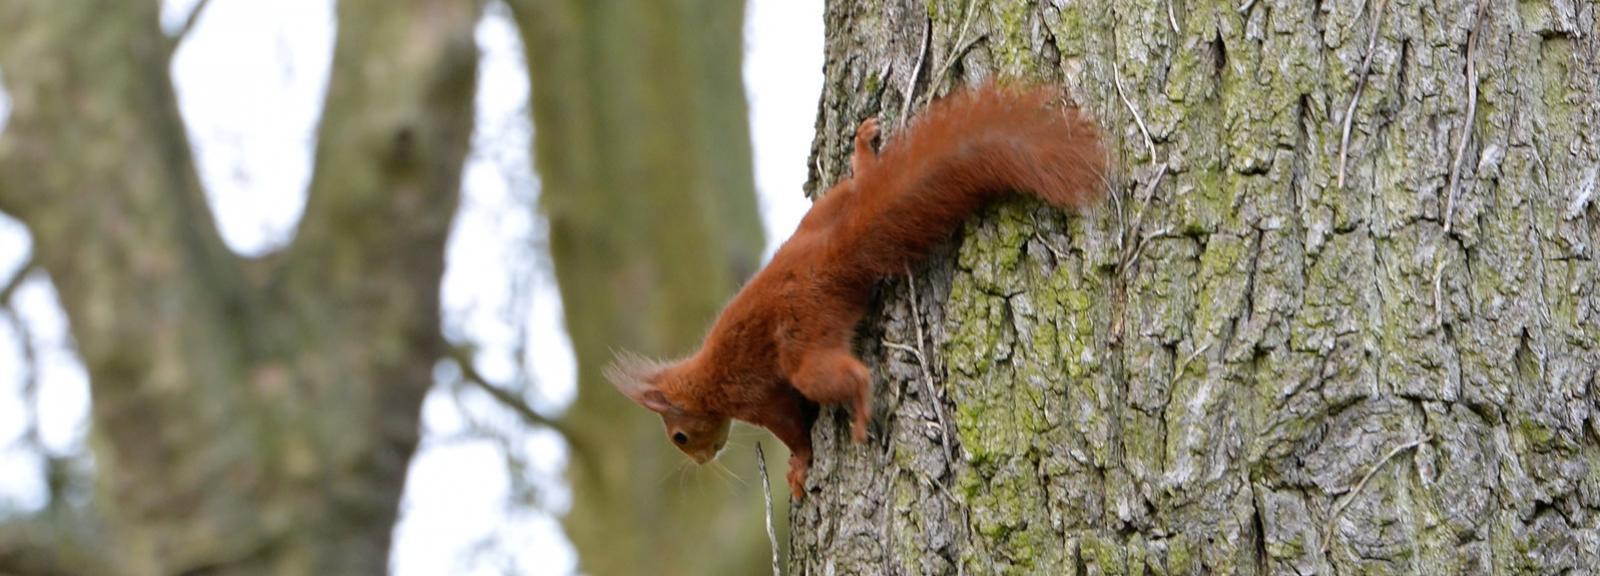 Écureuil roux à l'Arboretum de Versailles-Chèvreloup © MNHN - S. Gerbault